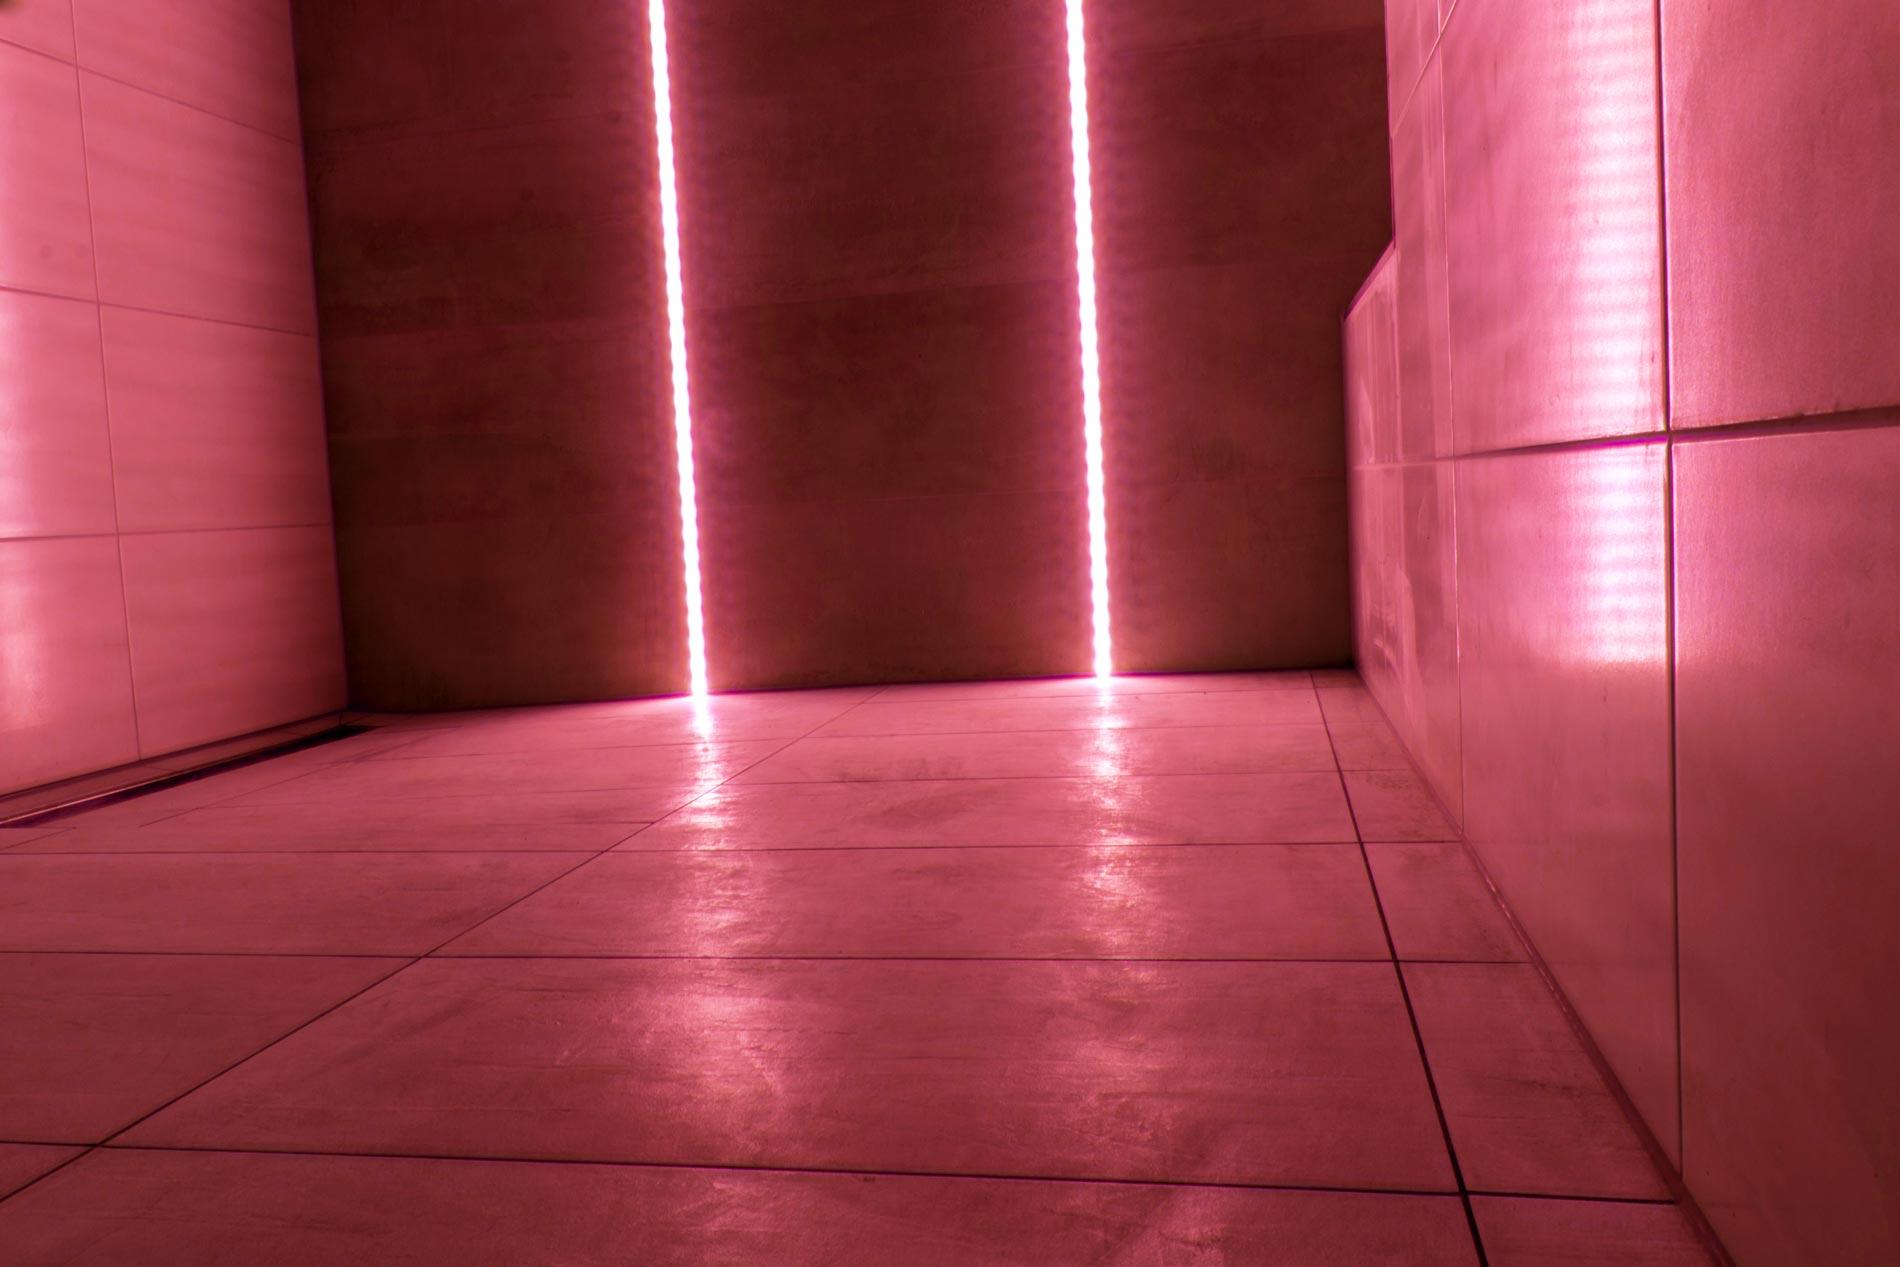 LED, fliesen dusche, einbau, rot, wechsel